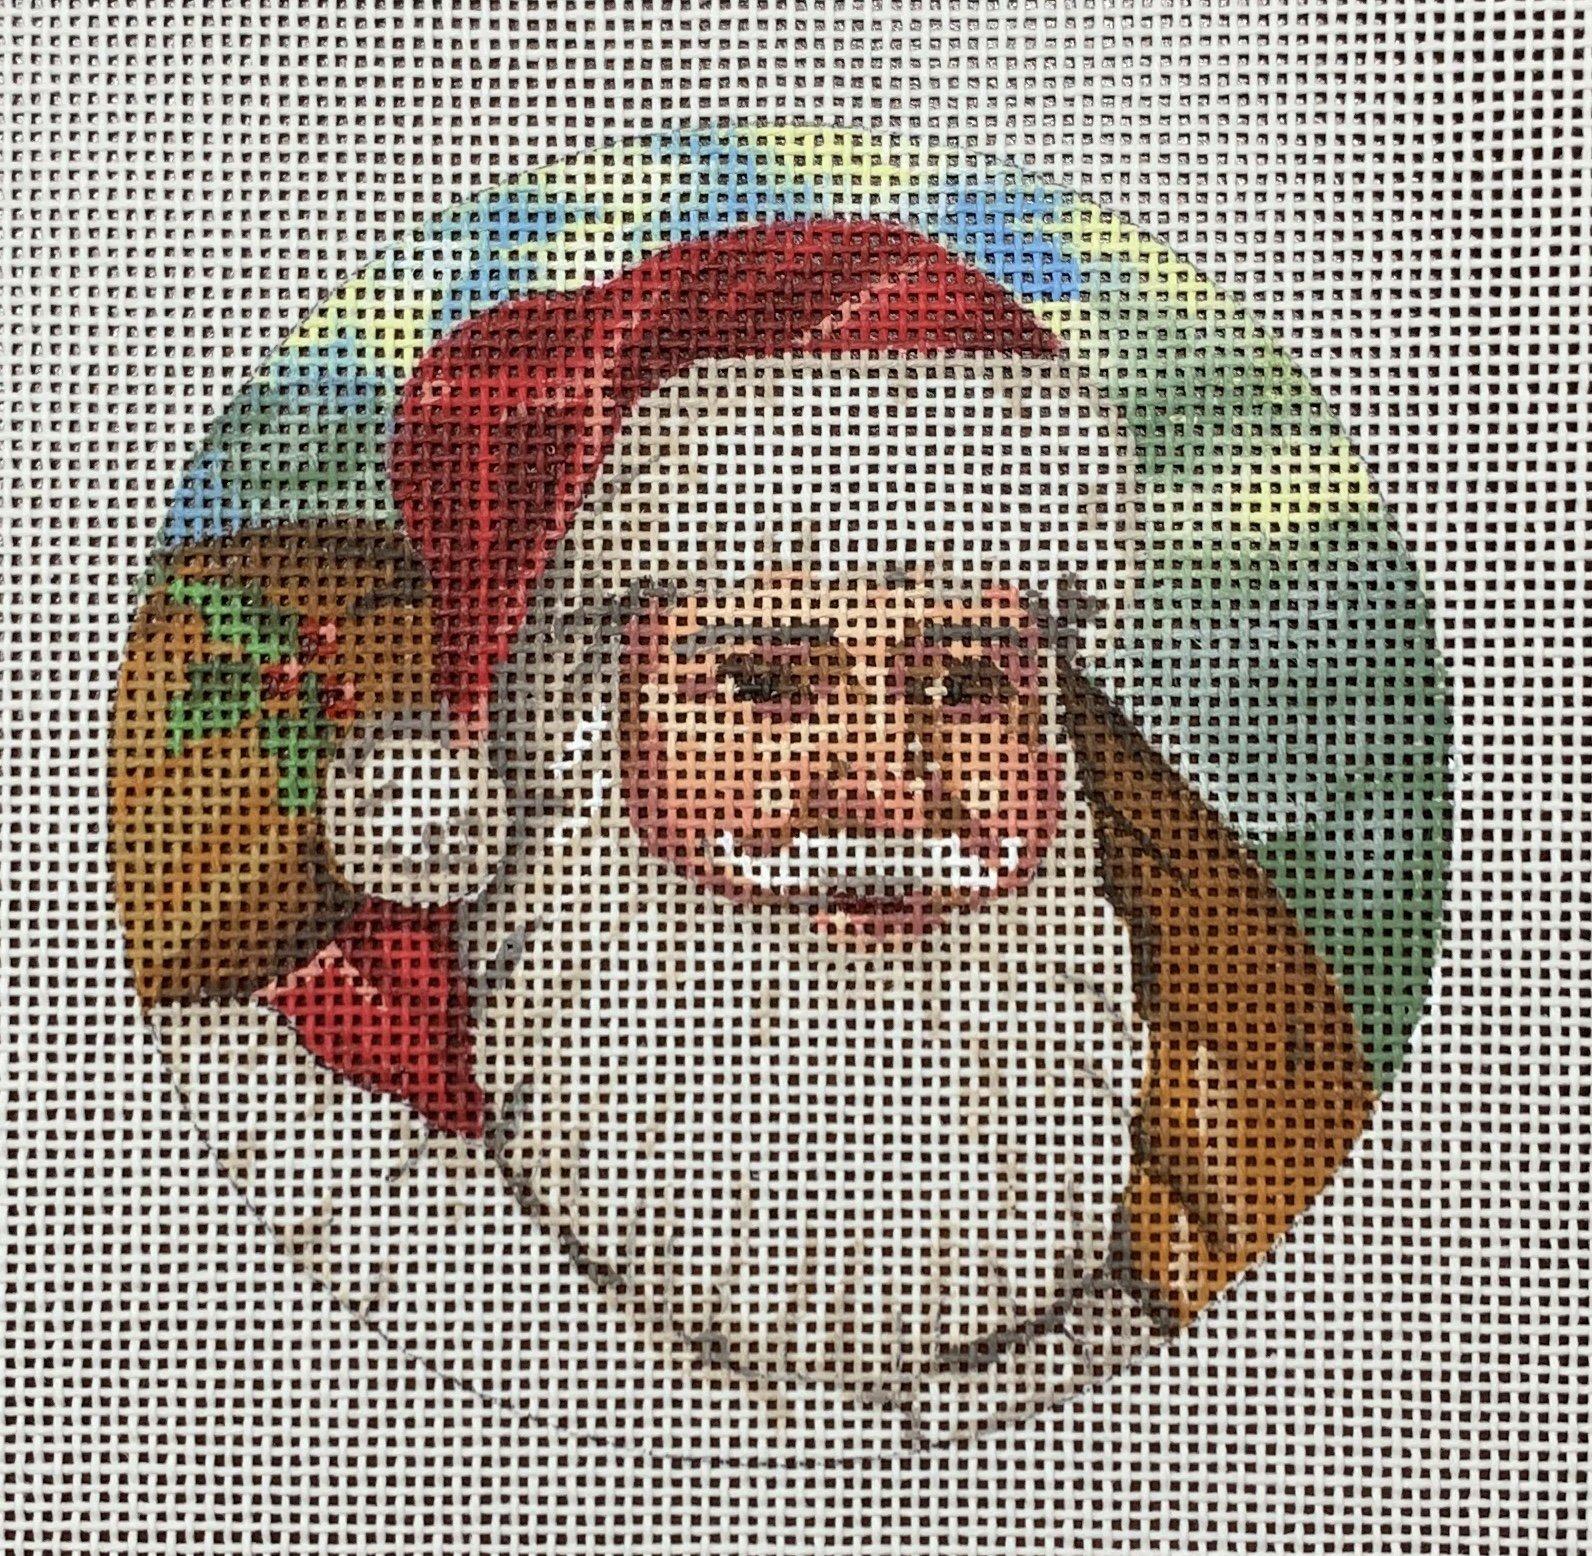 Santa Face w/ Sack